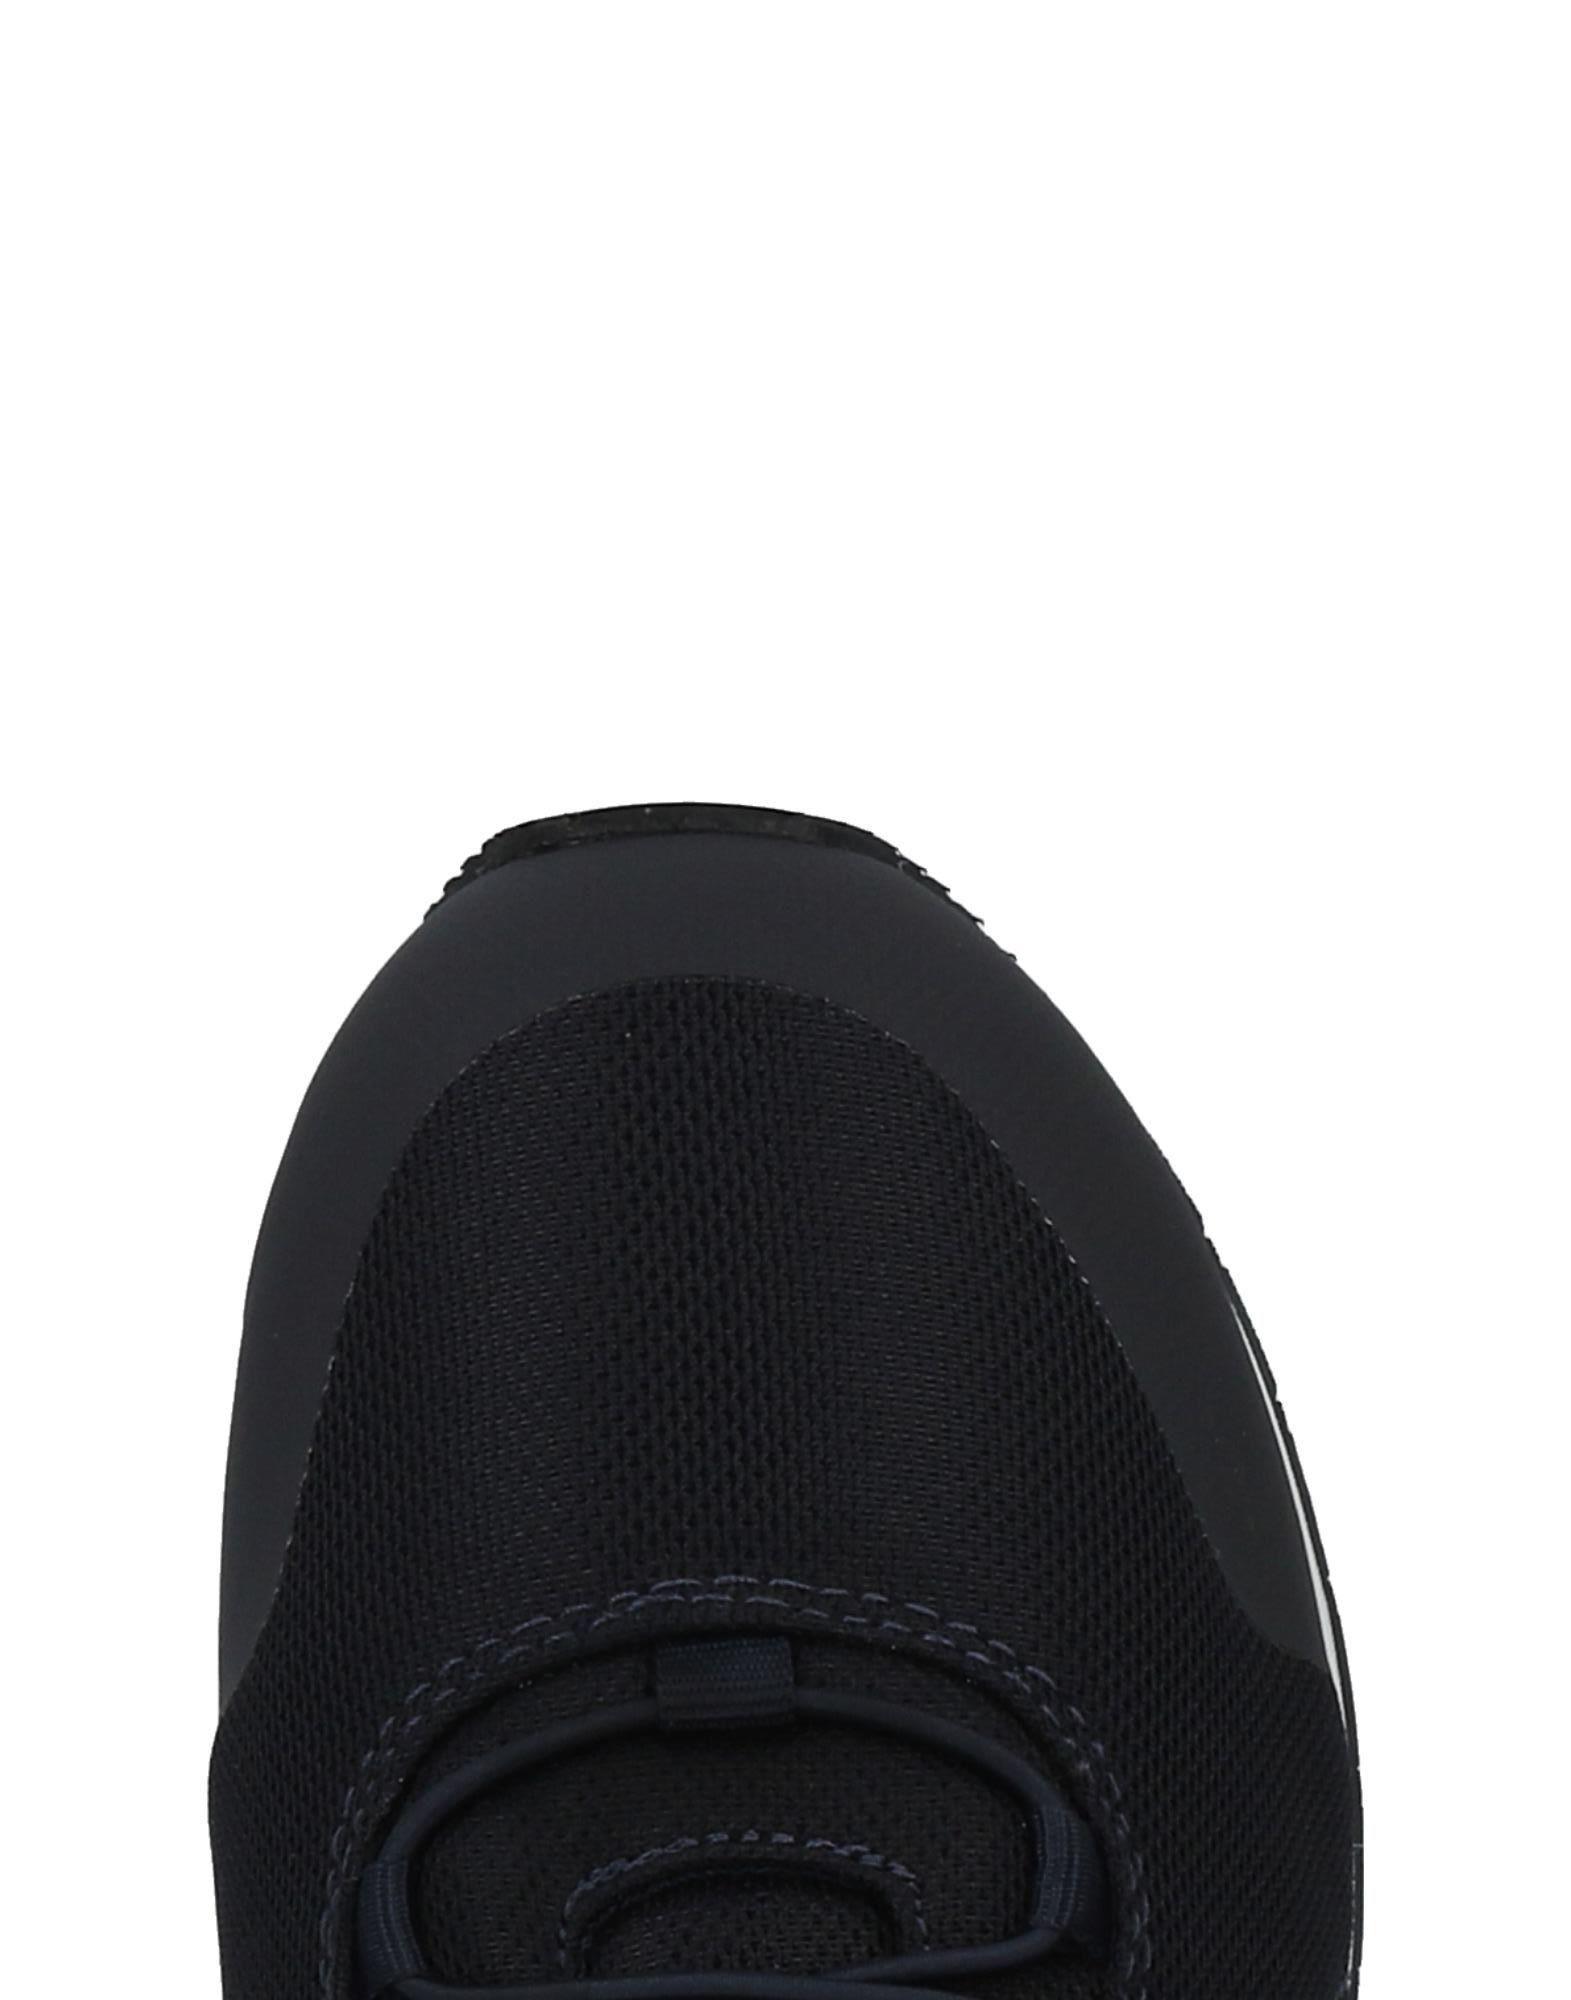 DKNY Rubber Low-tops & Sneakers in Dark Blue (Blue)